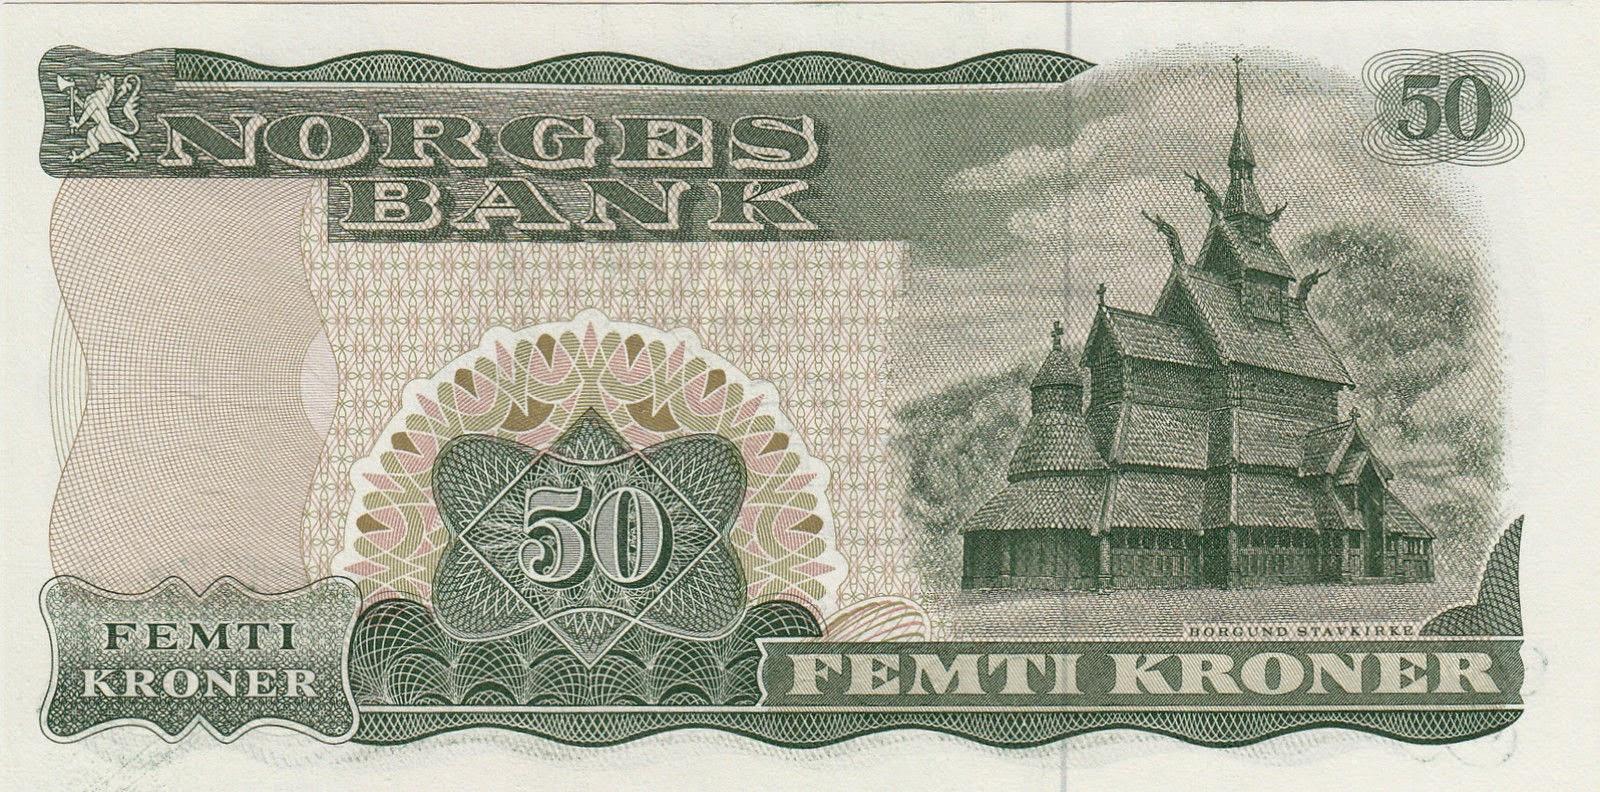 Norway Banknotes 50 Kroner note 1982 Borgund Stave Church